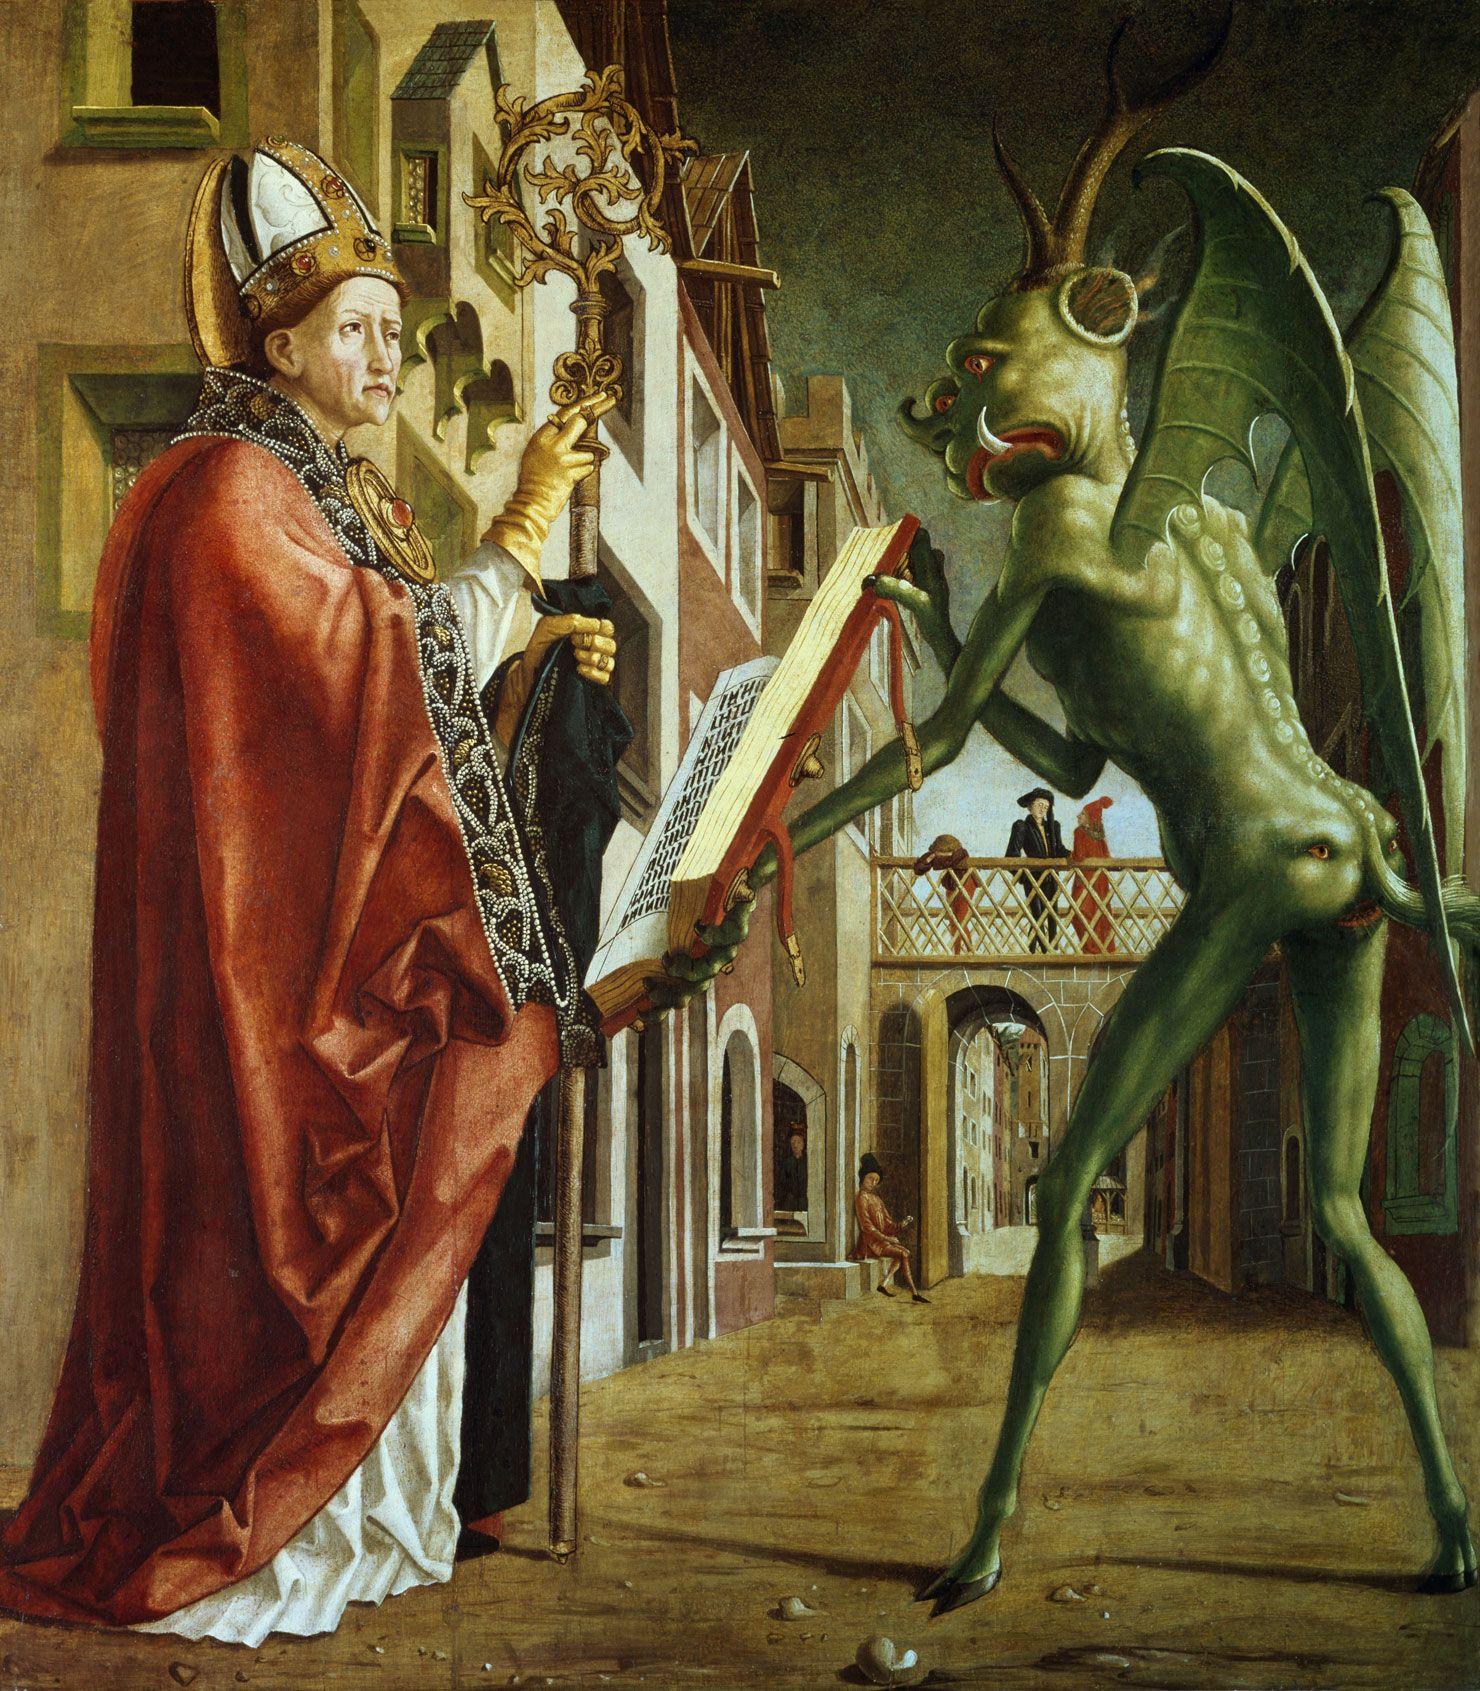 1490年、油彩、103×91cm アルテ・ピナコテーク ©ユニフォトプレス